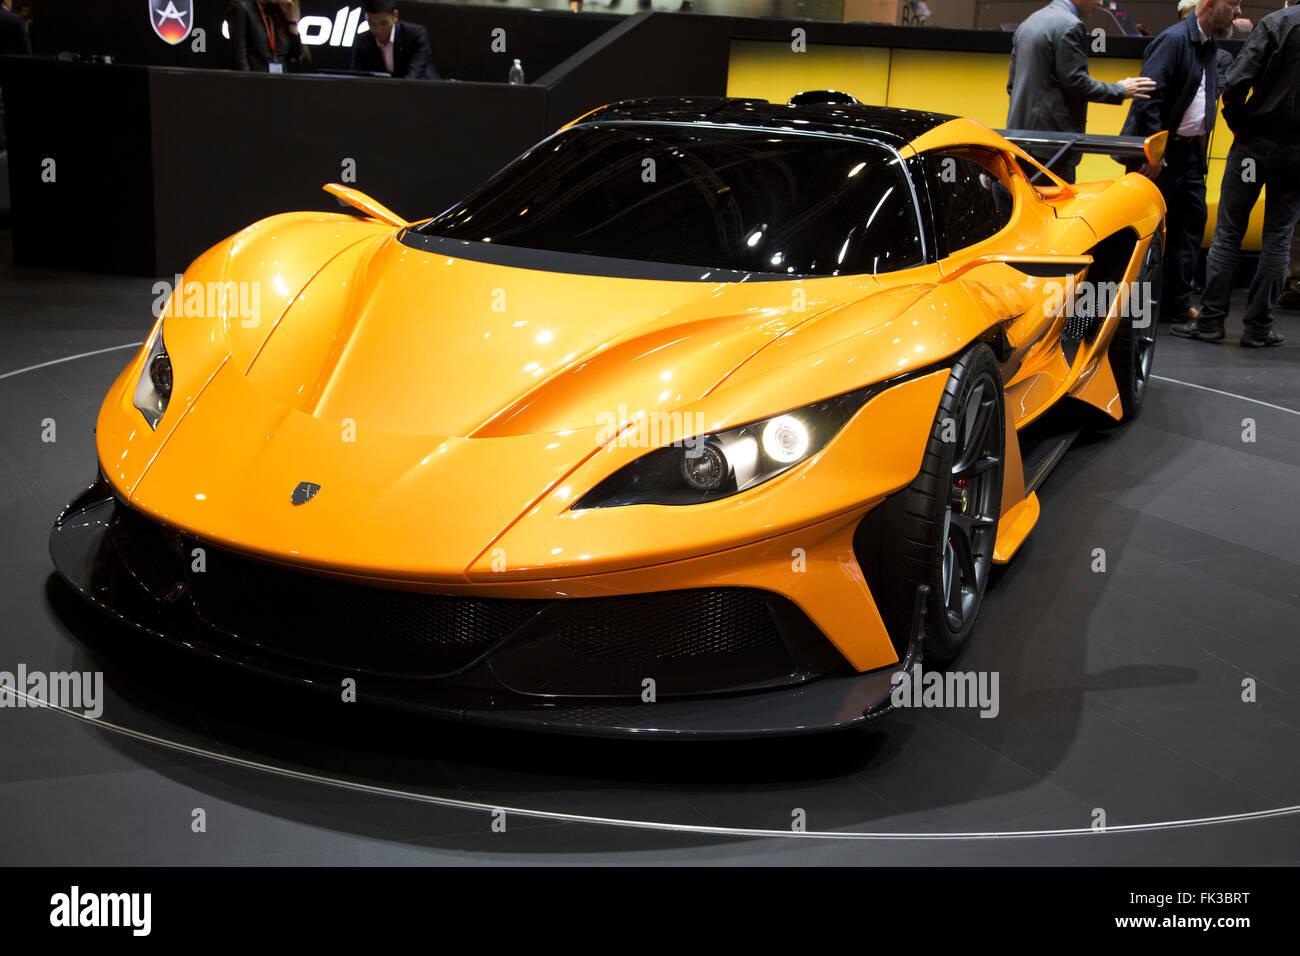 Apollo Arrow supercar at the Geneva Motor Show 2016 Stock Photo